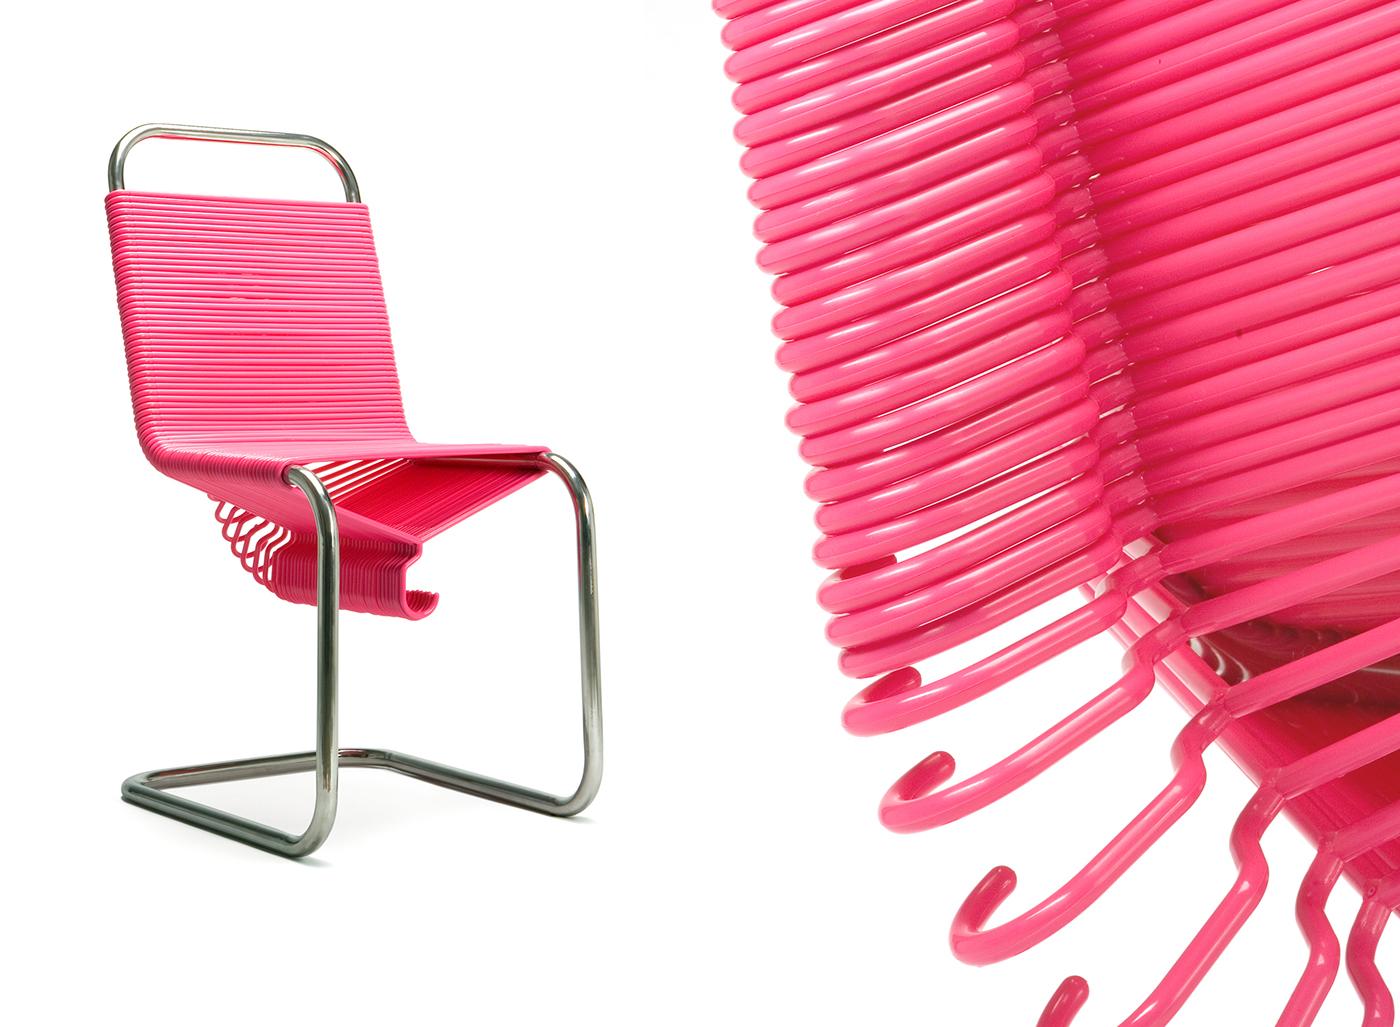 Problemas con las sillas perchero y si este mueble - Ganchos para colgar ...